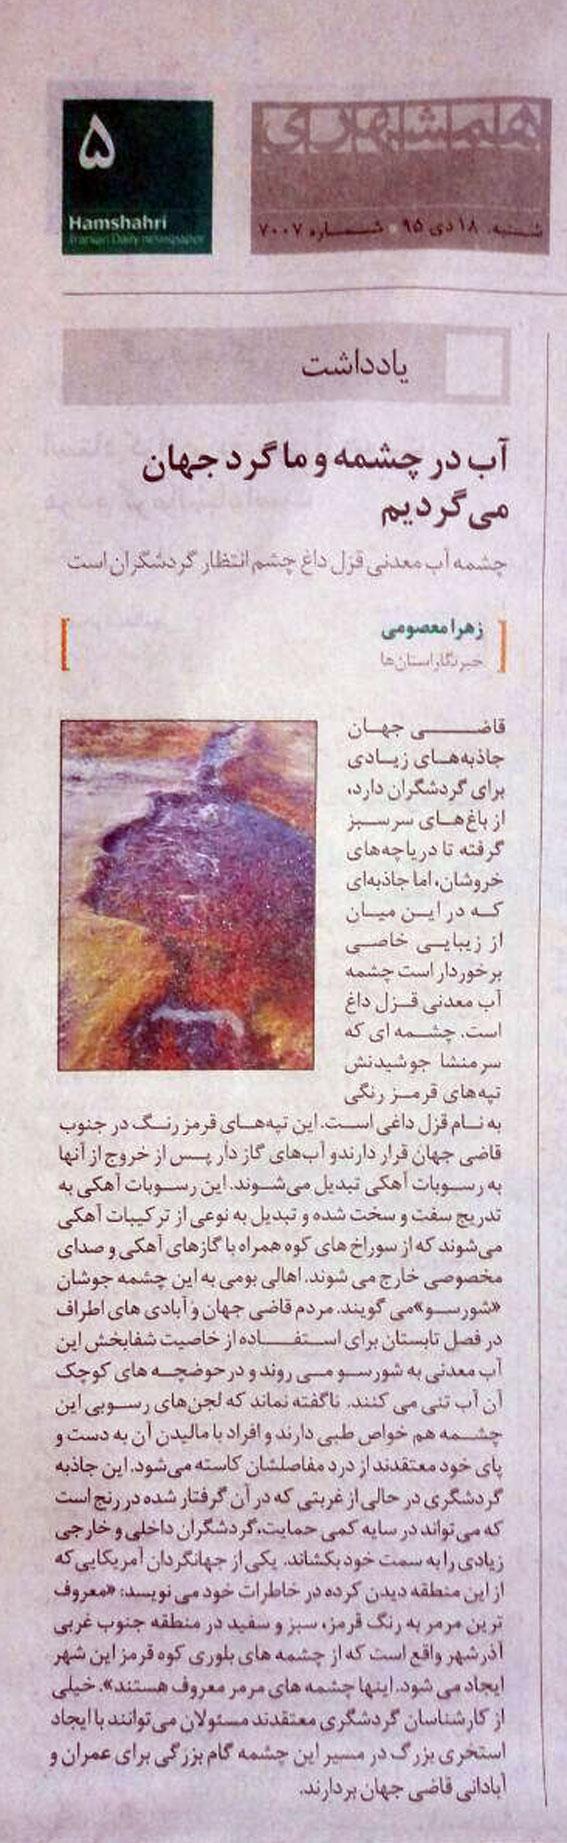 آب در چشمه و ما گرد جهان می گردیم / در یادداشت ویژه روزنامه همشهری به قلم سرکار خانم  زهرا معصومی خبرنگار بخش استانهای این روزنامه از شورسو، قزل داغ و قاضی جهان ـ شنبه 18 دیماه